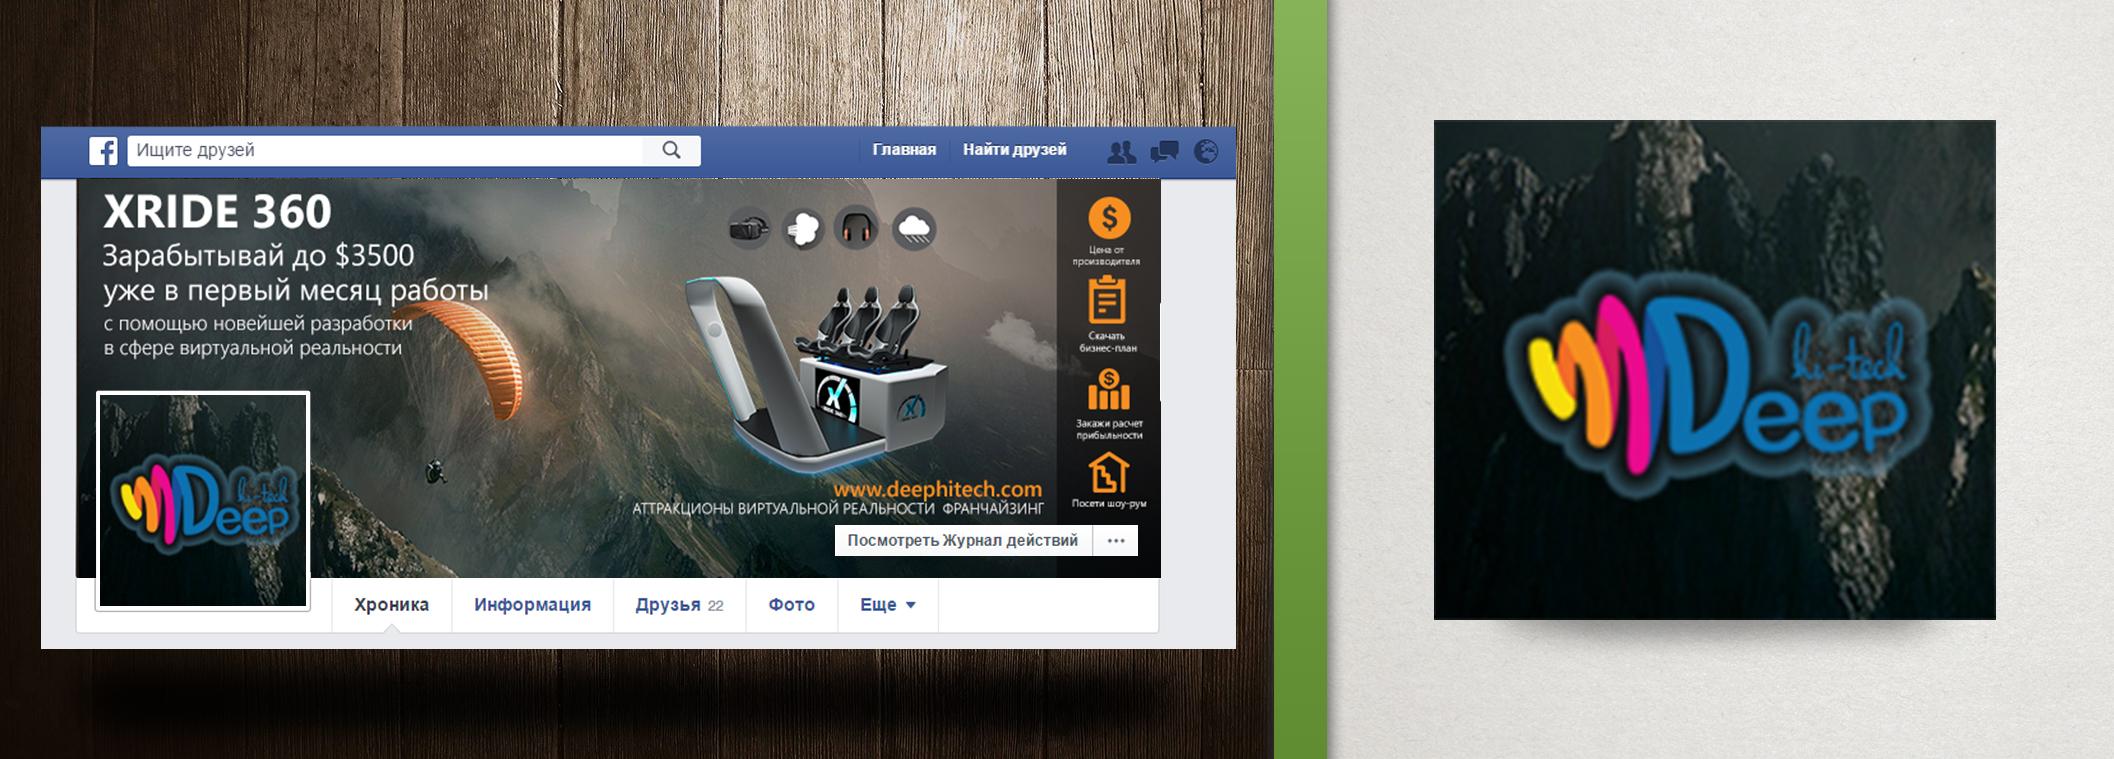 """Оформление профиля Facebook """"DeephHiTech.com"""""""